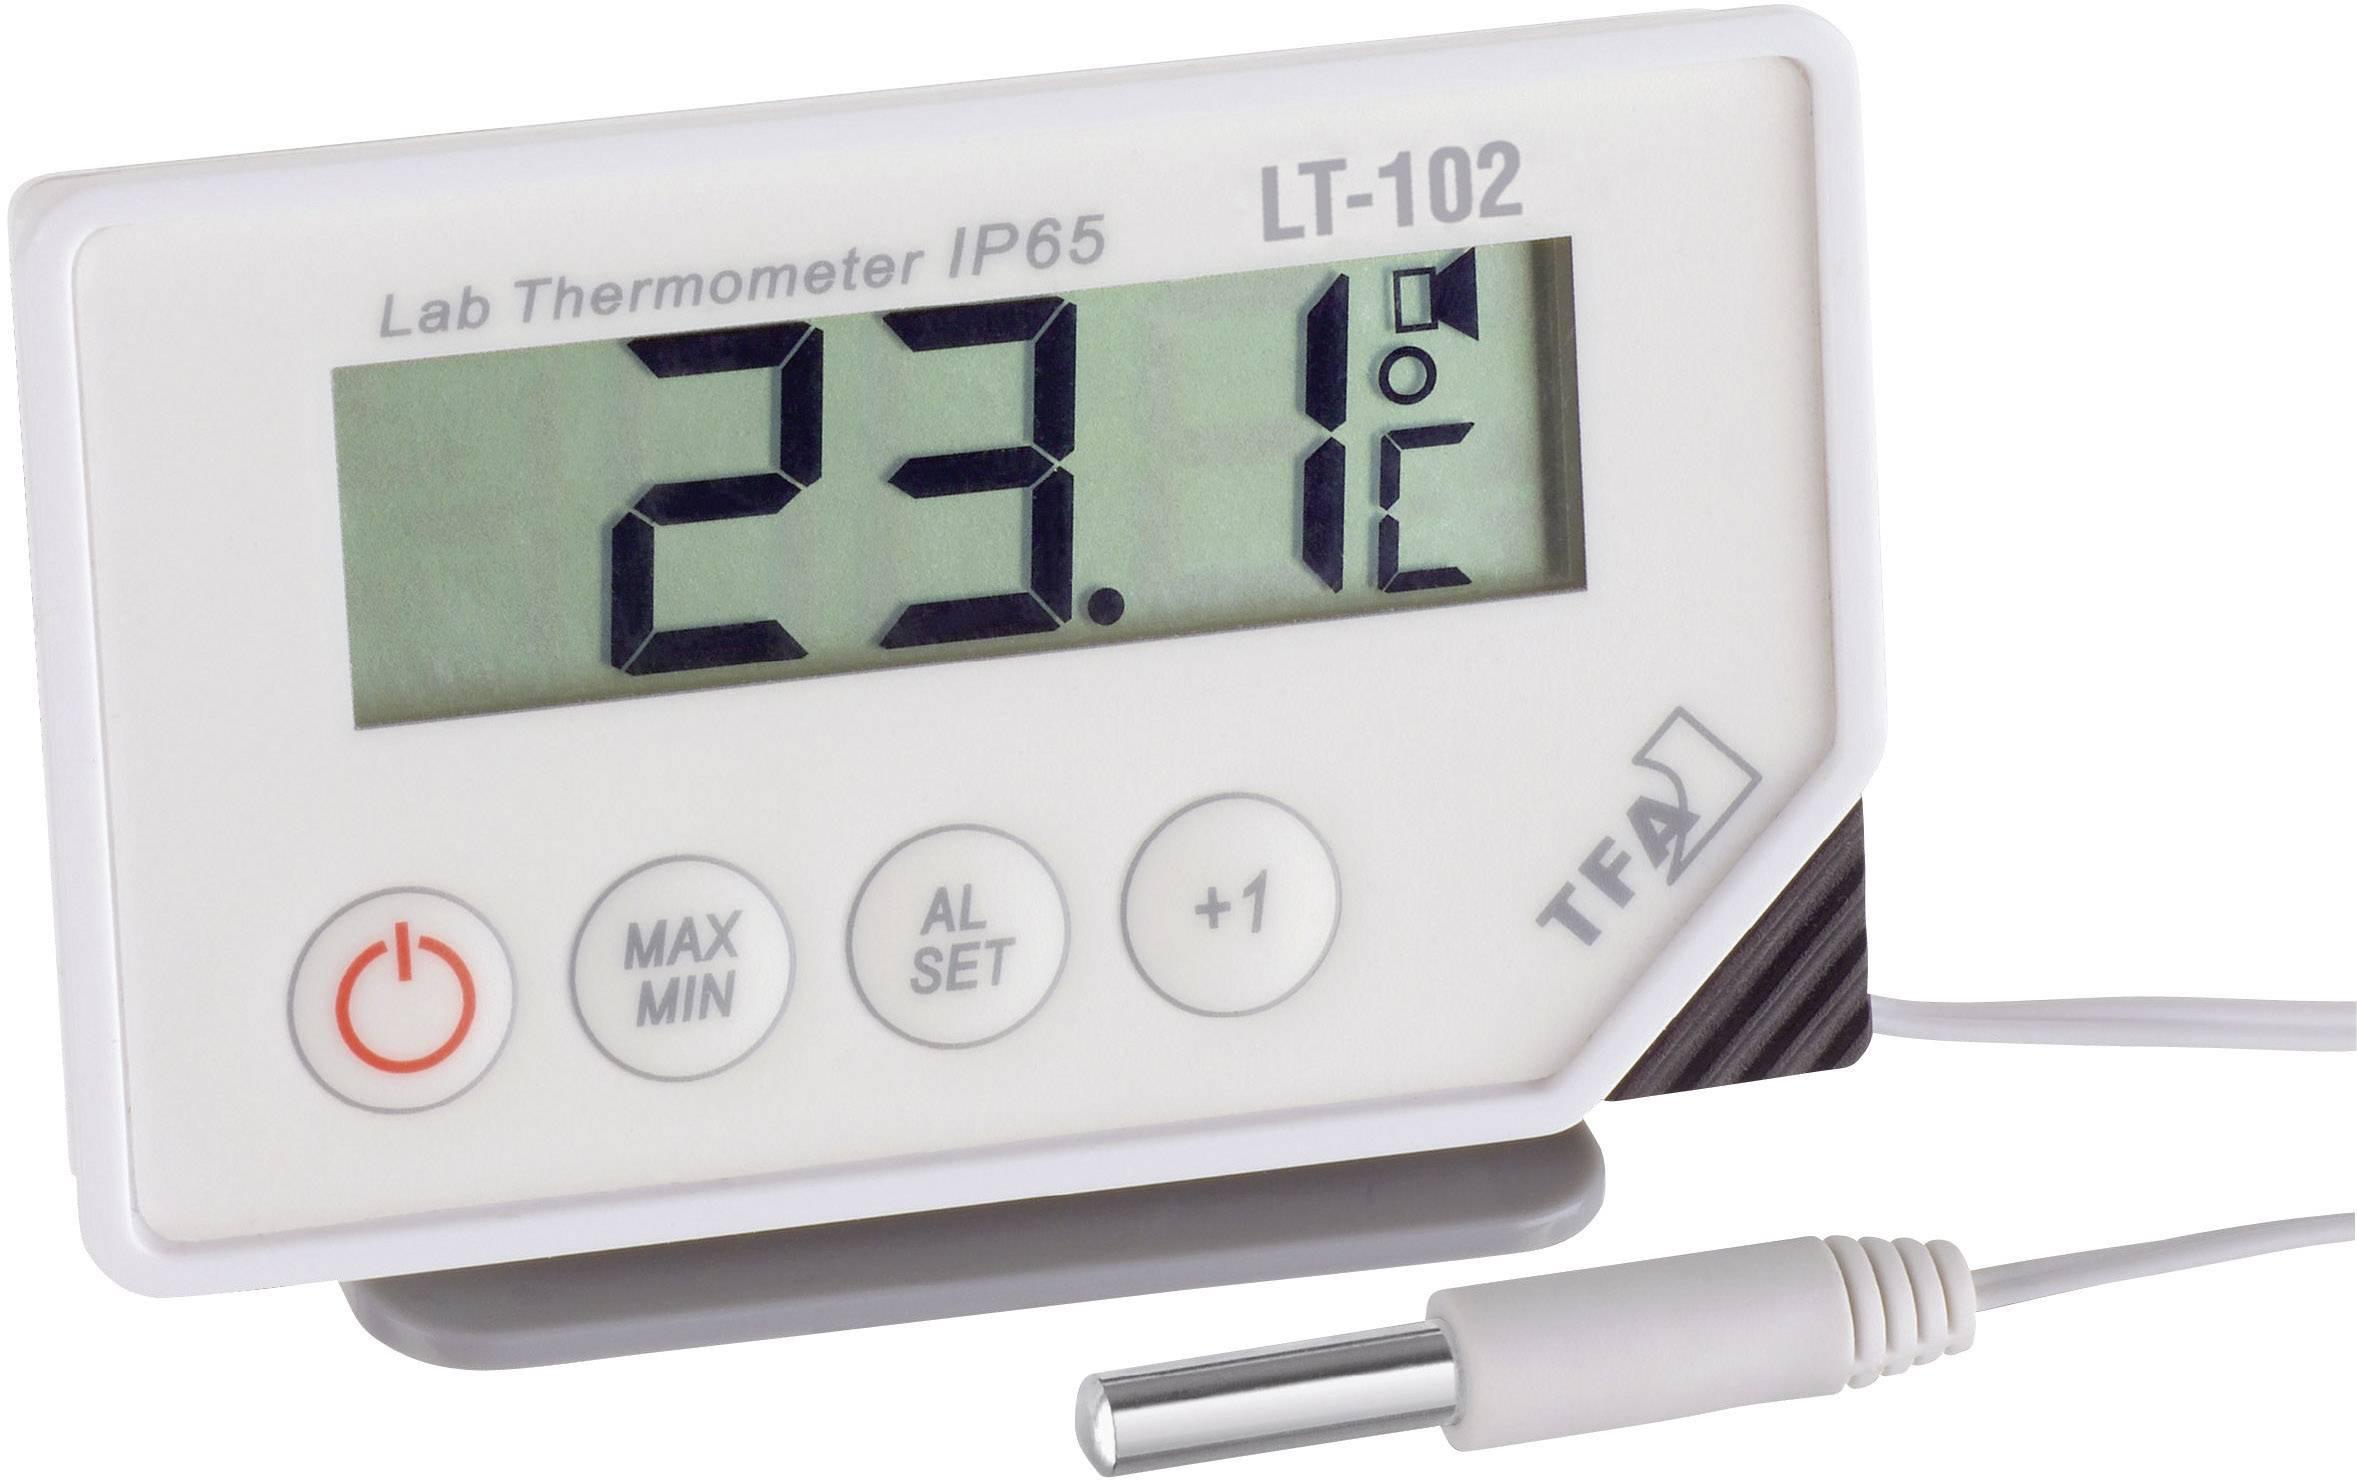 Ponorný laboratorní teploměr TFA LT-102, -40 až +70 °C, typ senzoru NTC